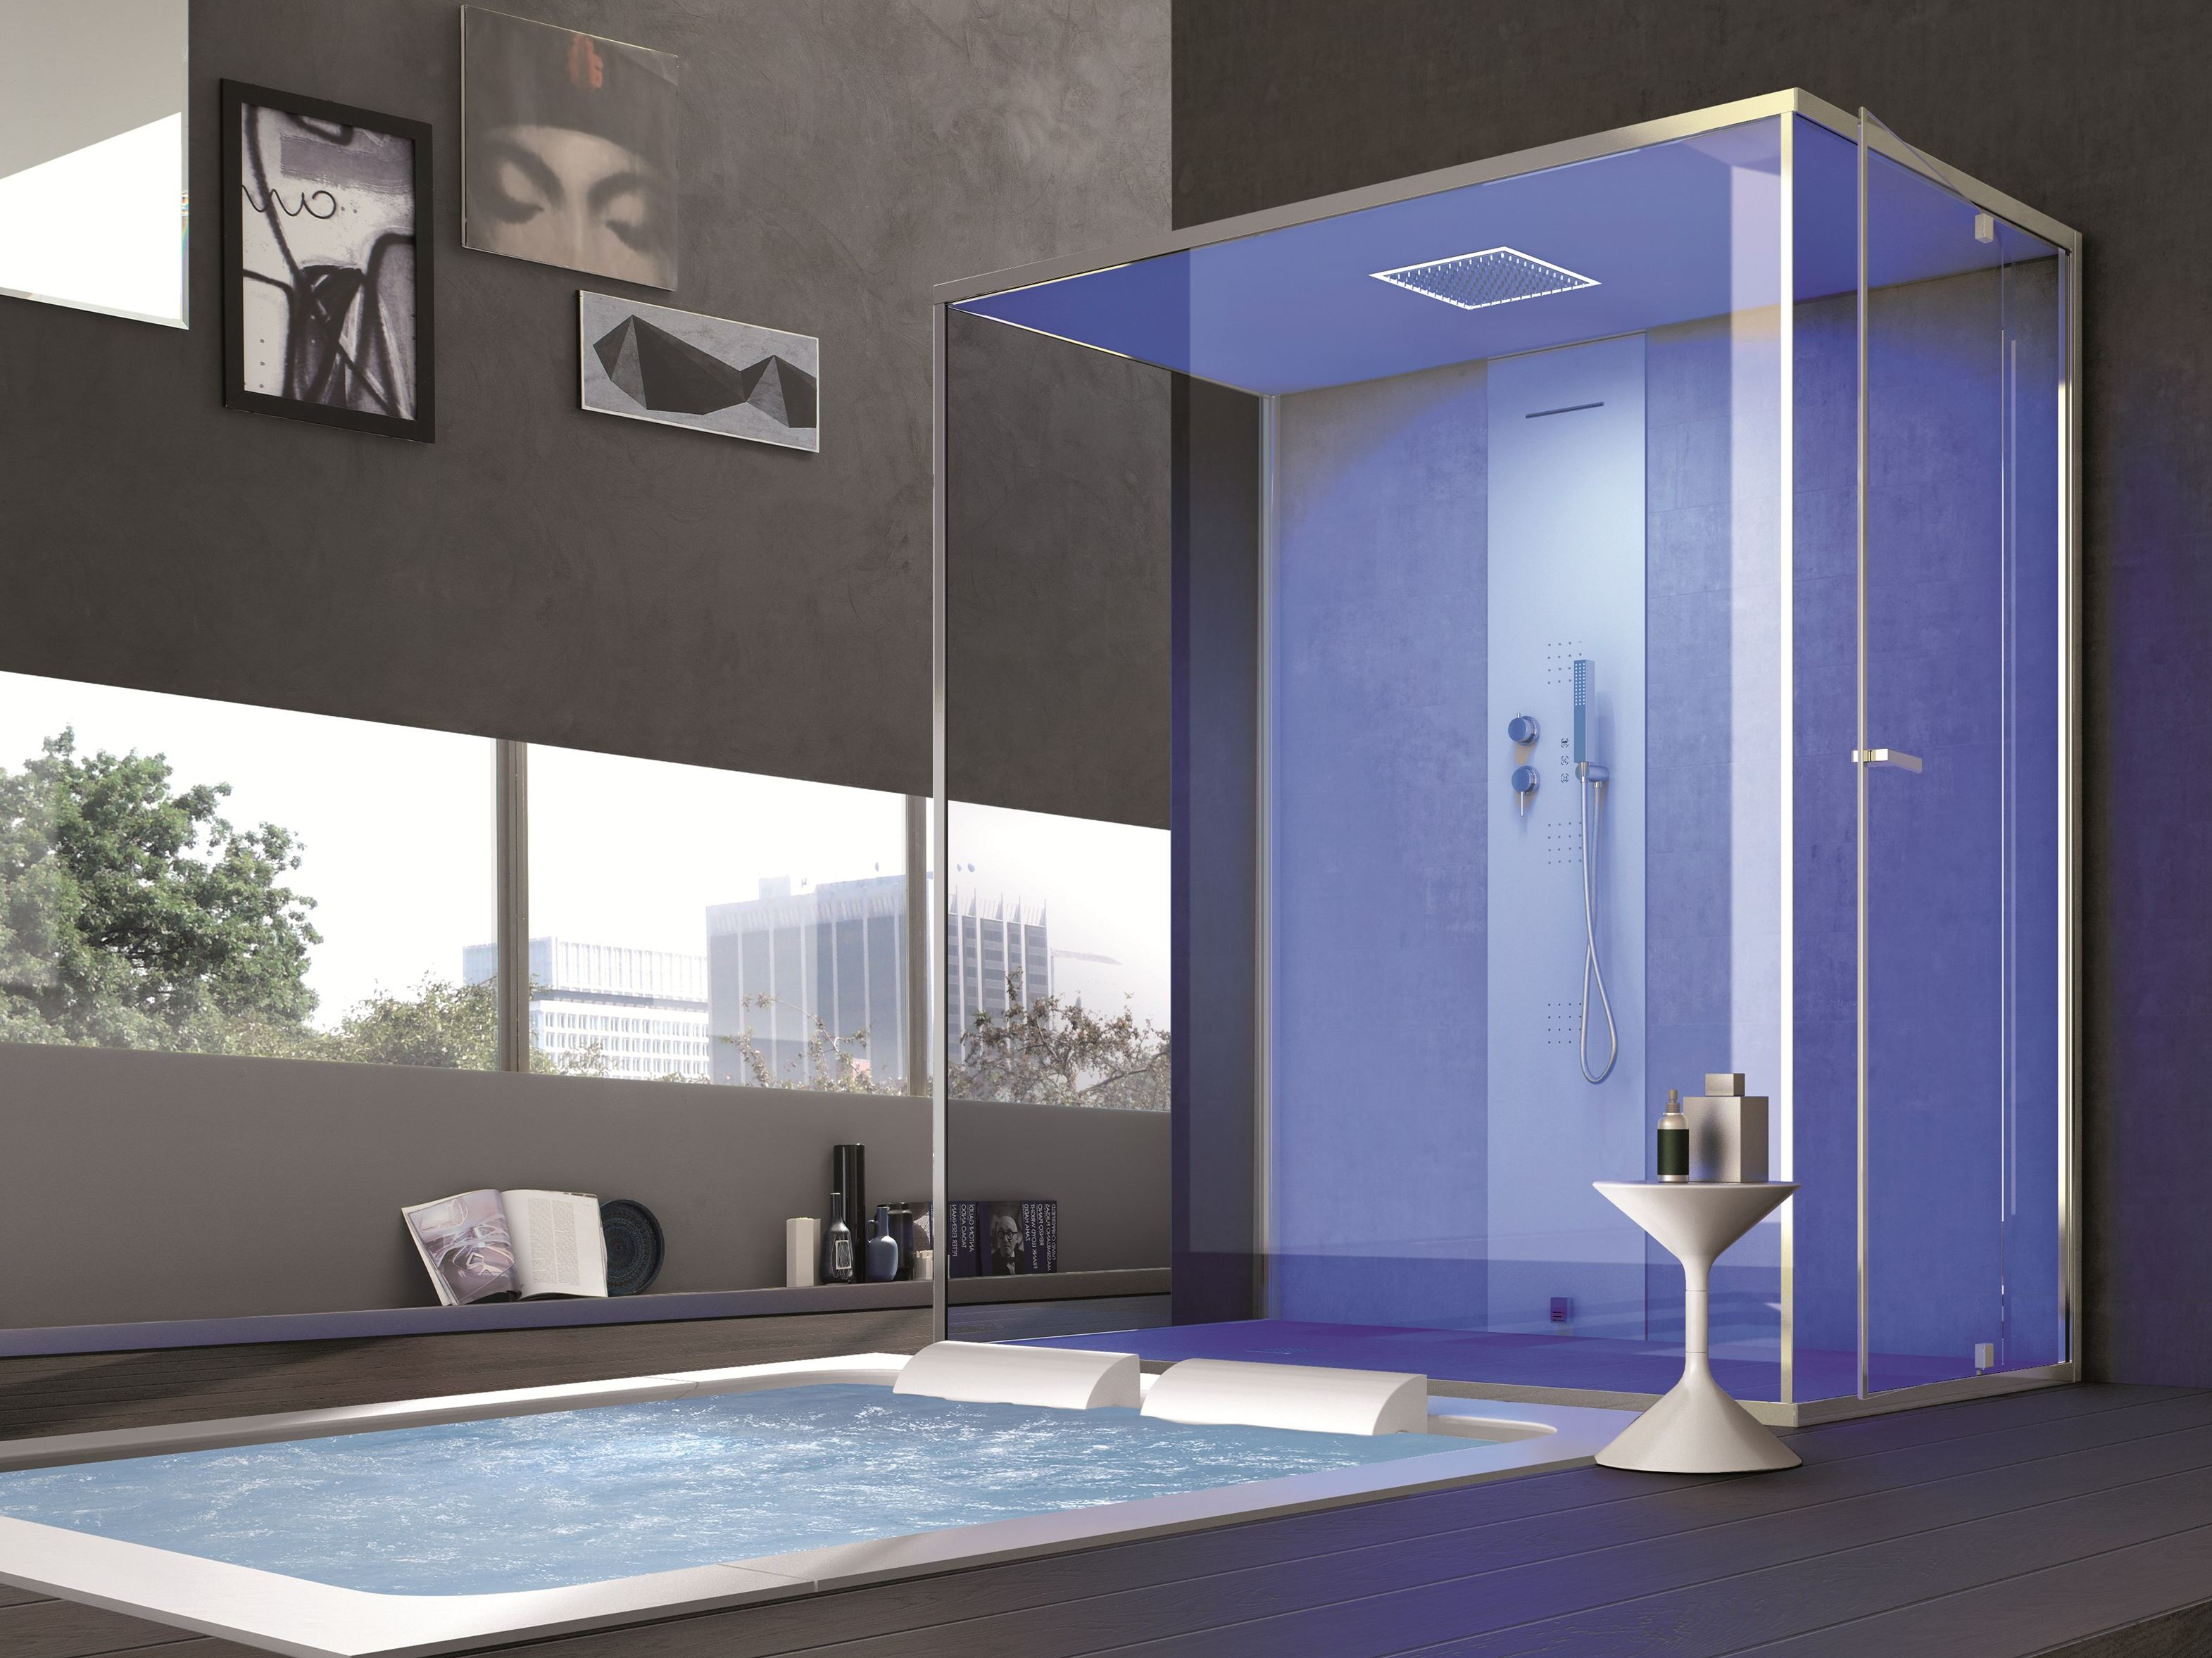 Hafro douche hamman et sauna de luxe pour votre salle de bain tous les articles - Baignoire douche design ...